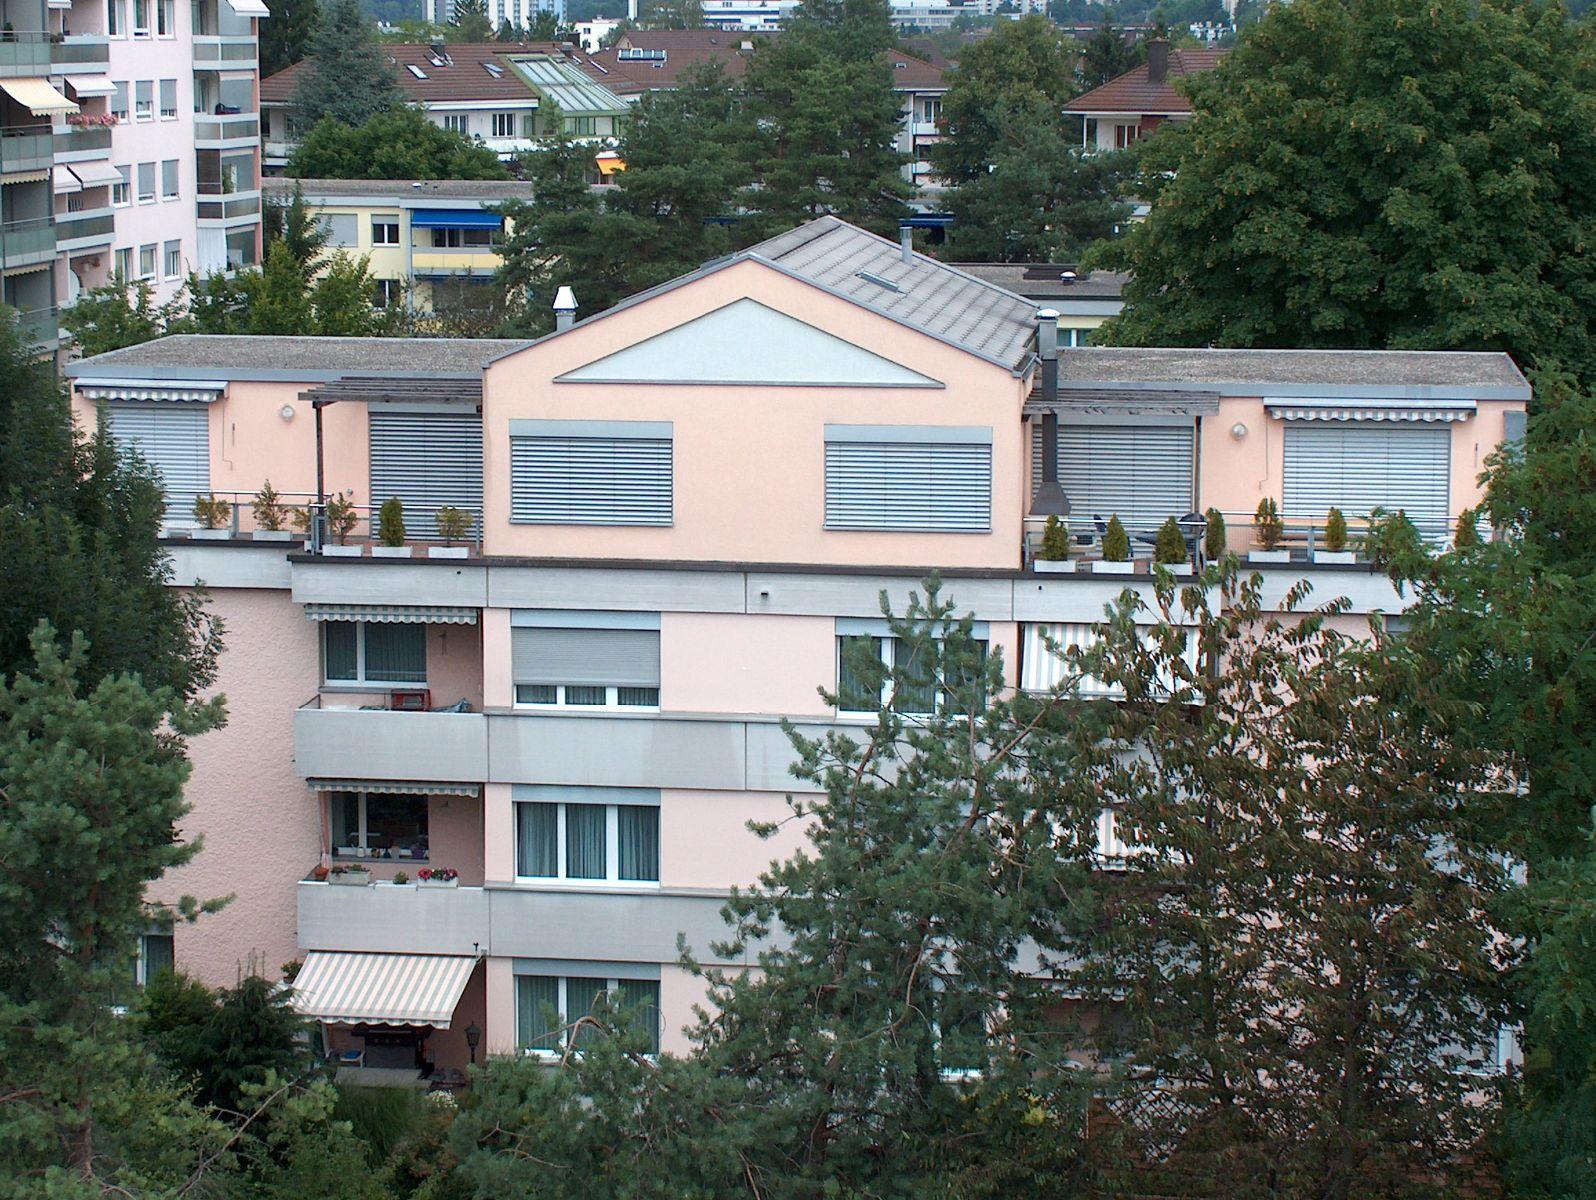 Blick auf Dachwohnung